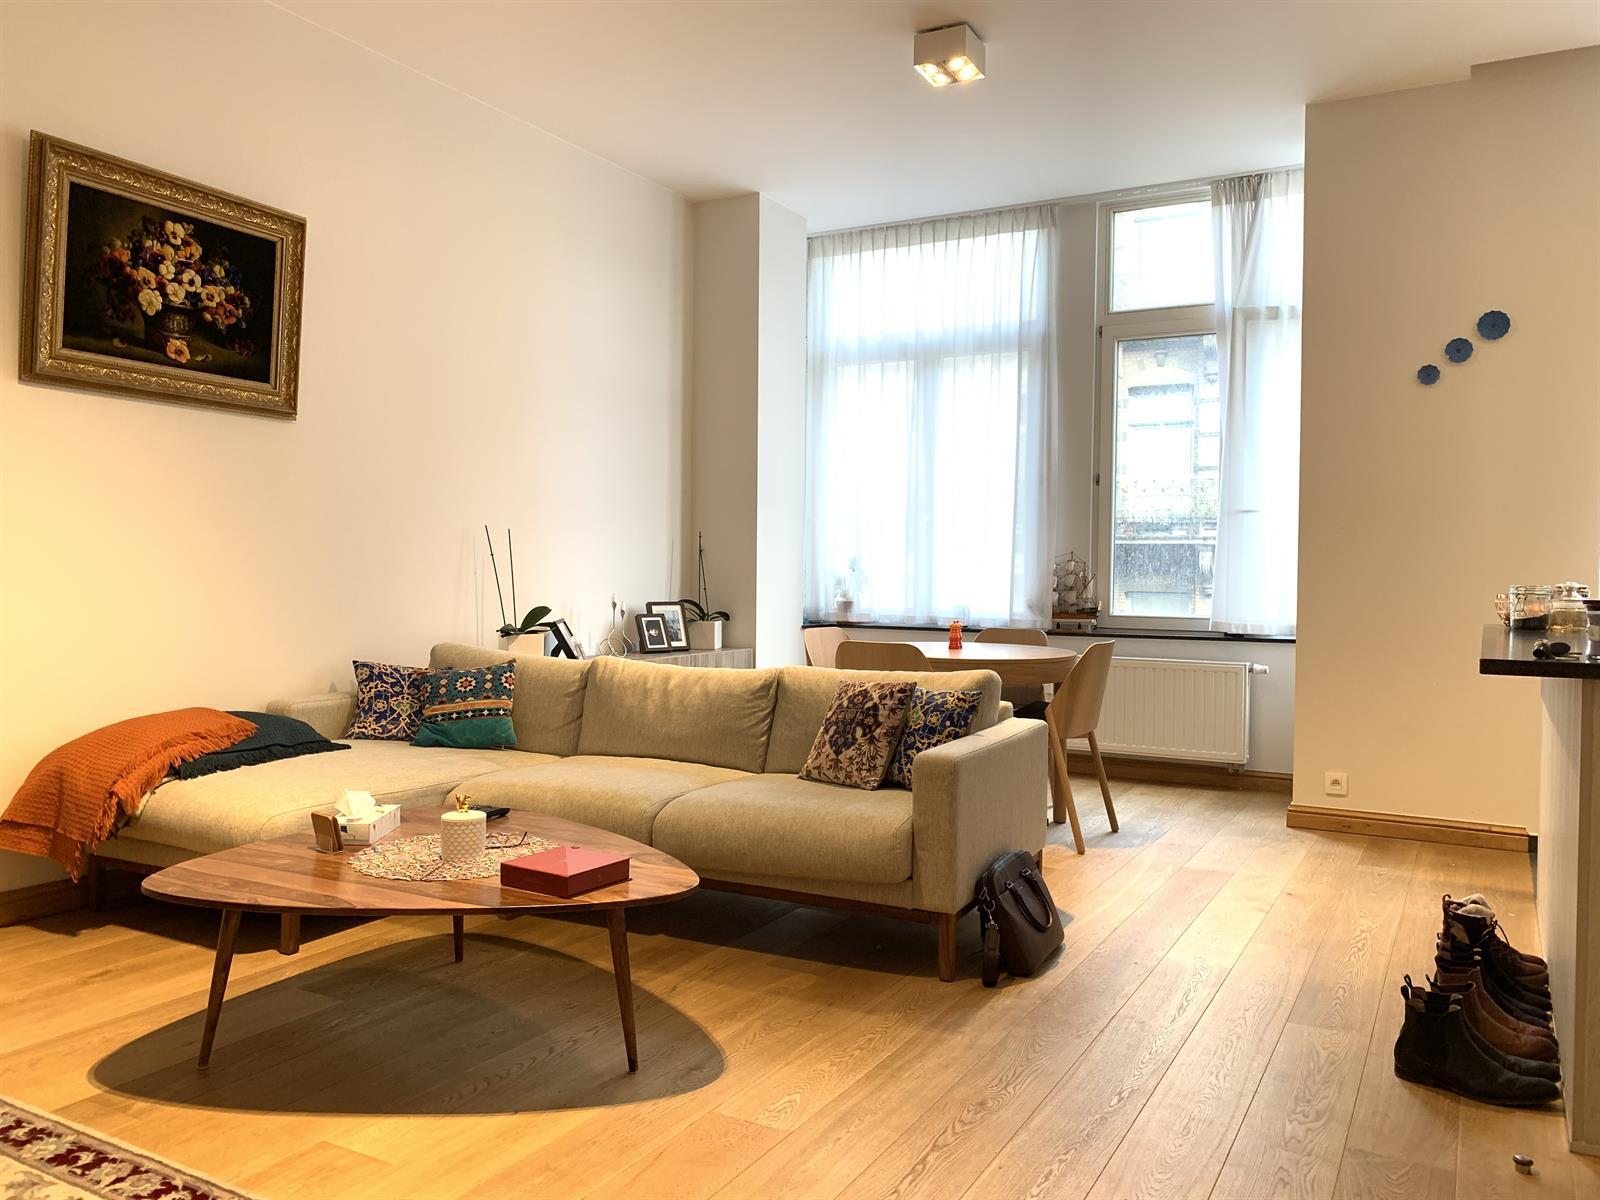 Appartement exceptionnel - Bruxelles - #4056384-37